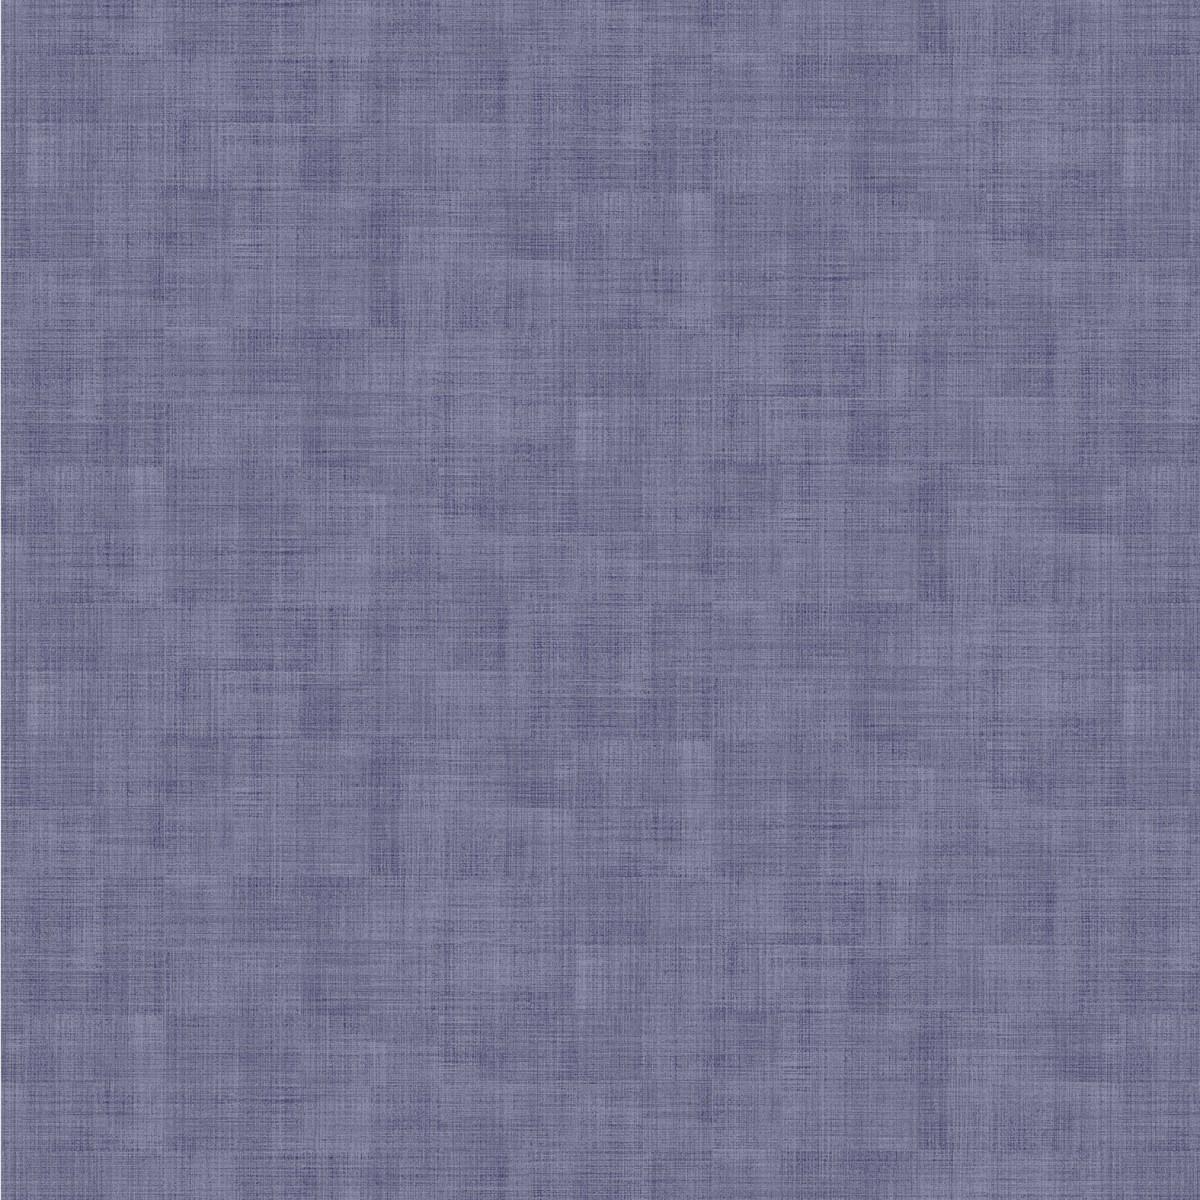 Обои флизелиновые Decoprint Valentina фиолетовые 0.53 м VA19925